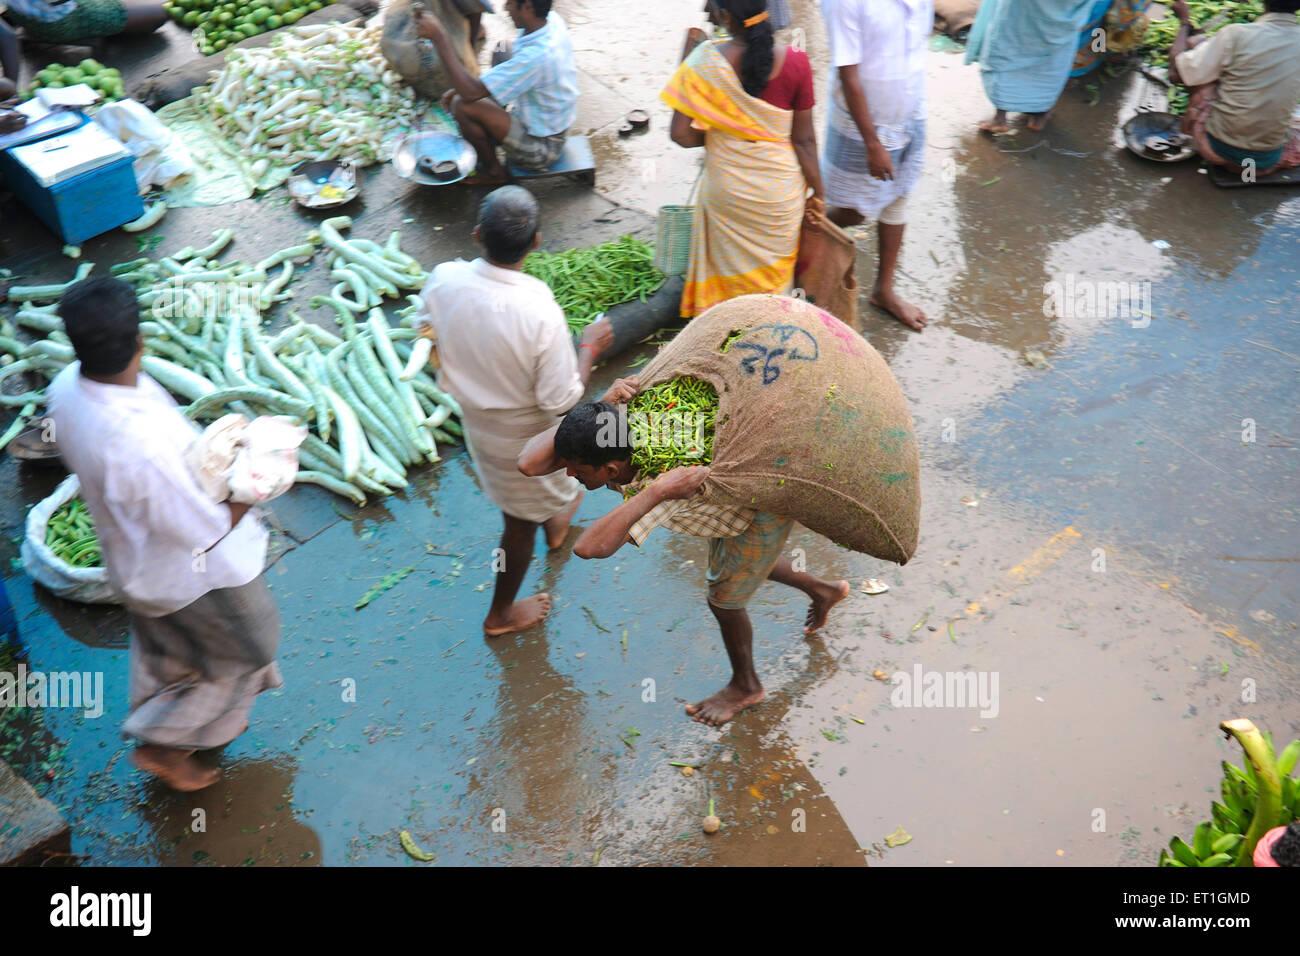 Man carrying jute sack in market ; Thanjavur  ; Tamil Nadu ; India - Stock Image